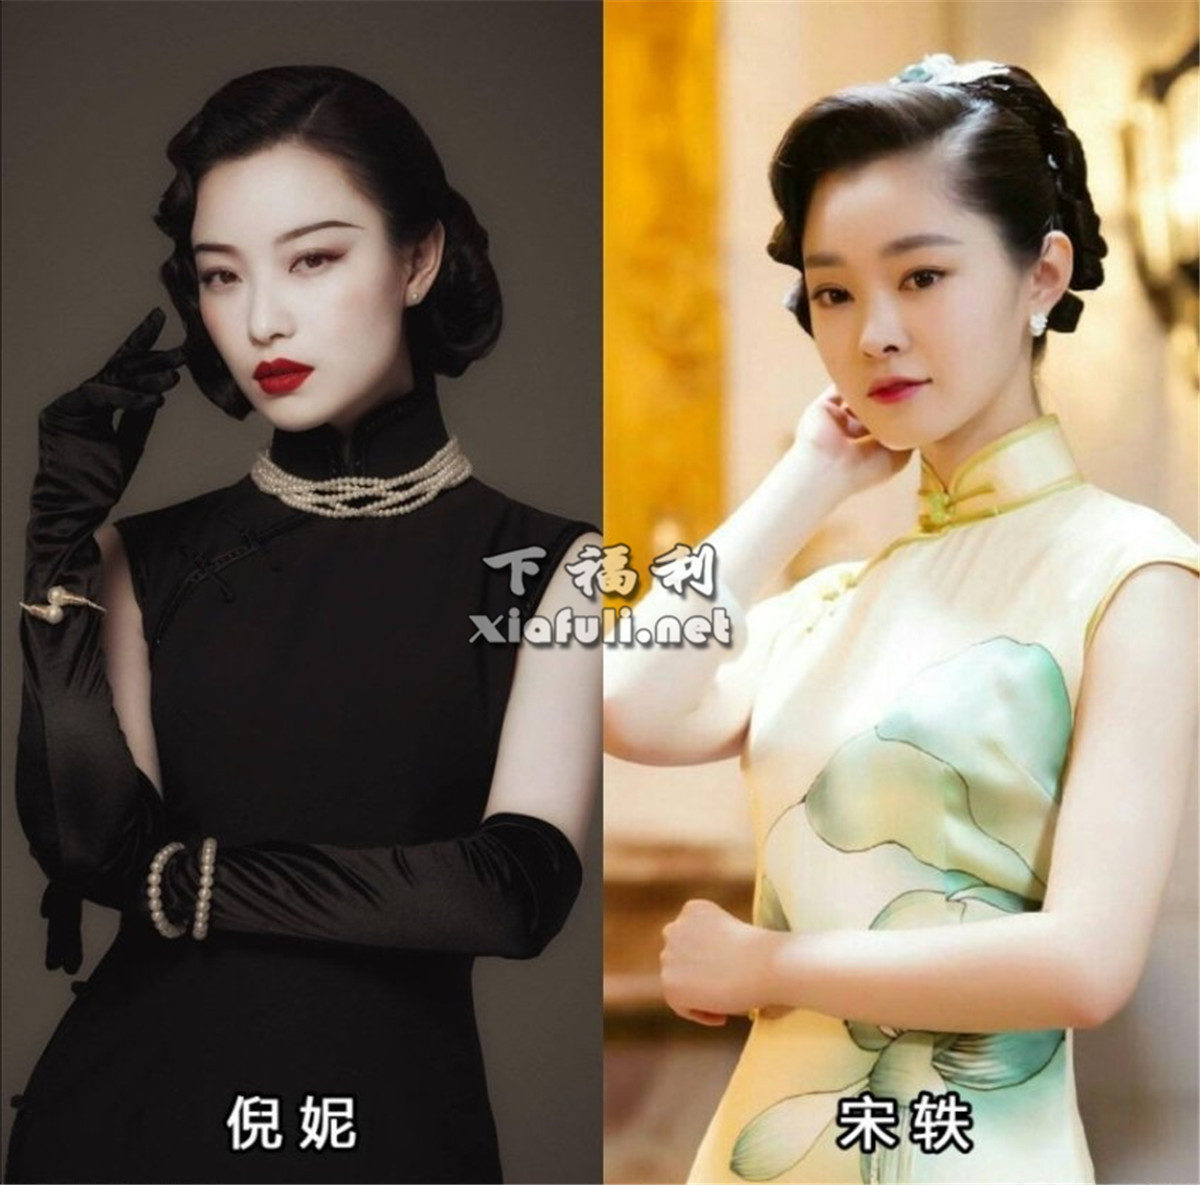 当娱乐圈女星穿上旗袍,你觉得谁最好看 ?插图